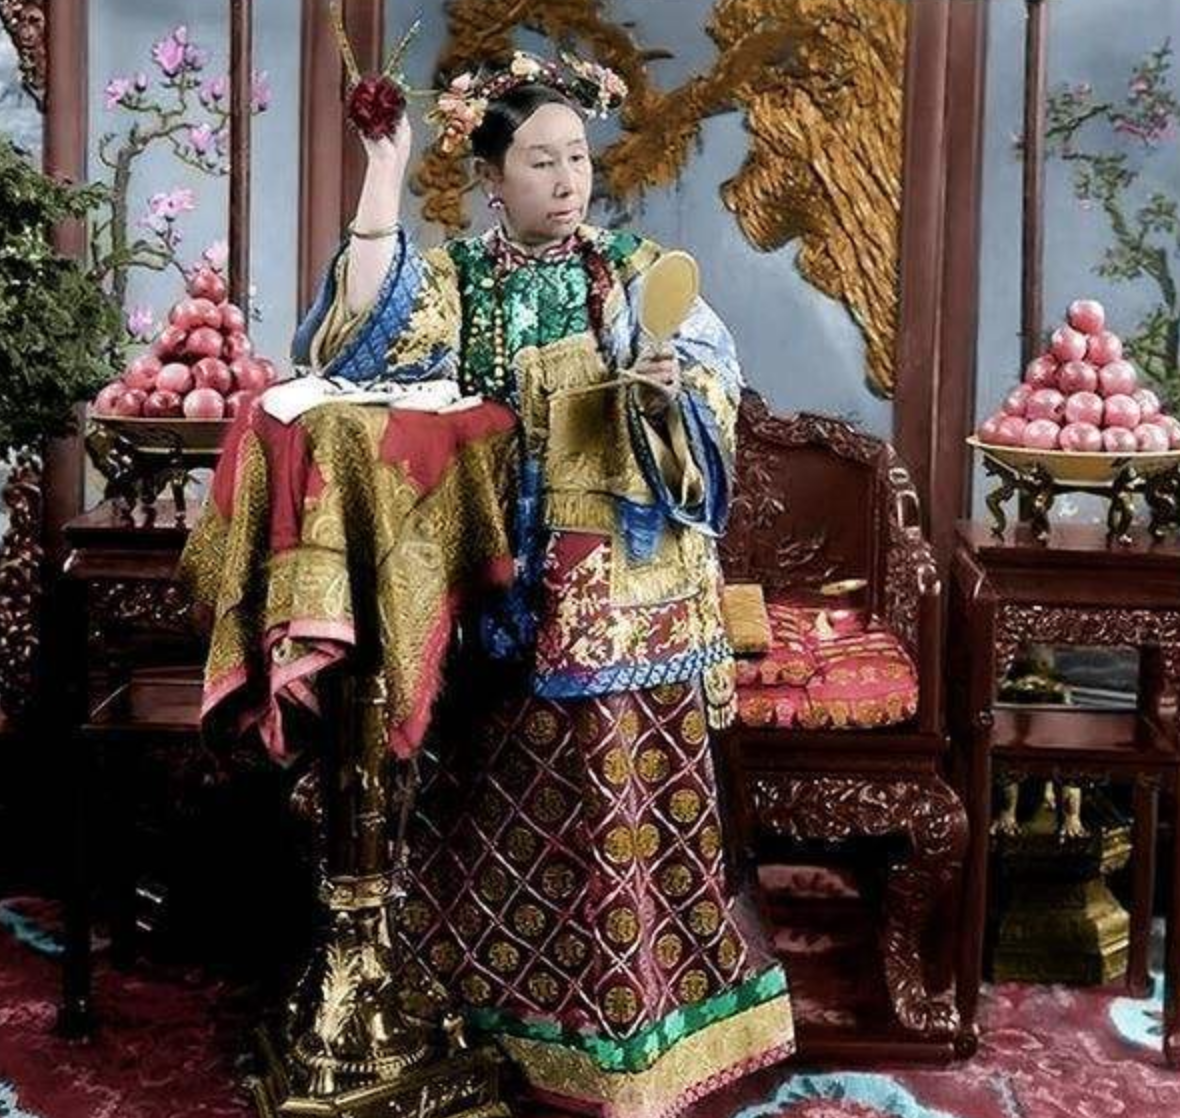 4 thói quen của Từ Hi Thái hậu khiến người hầu khiếp sợ - Ảnh 1.